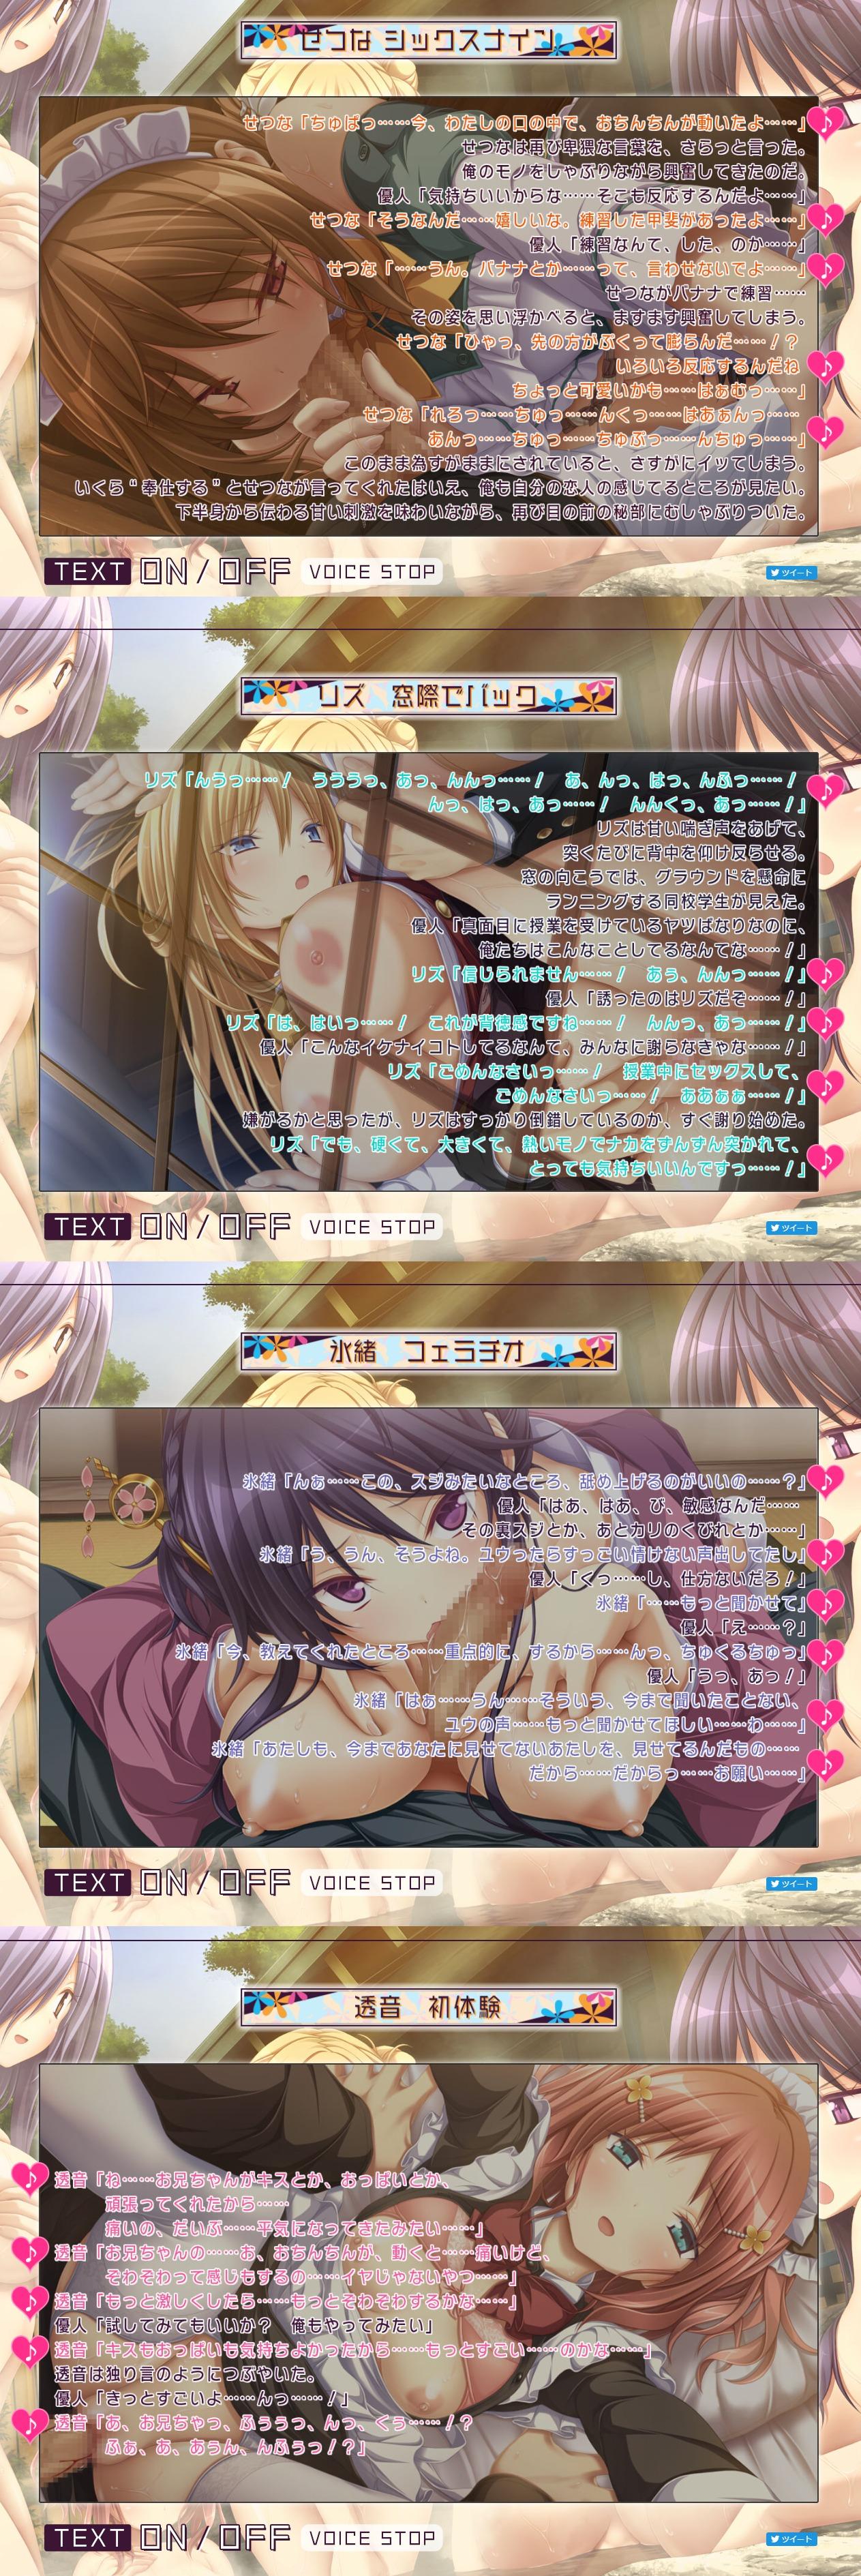 H_scene_digest|青春フラジャイル|Purple_software